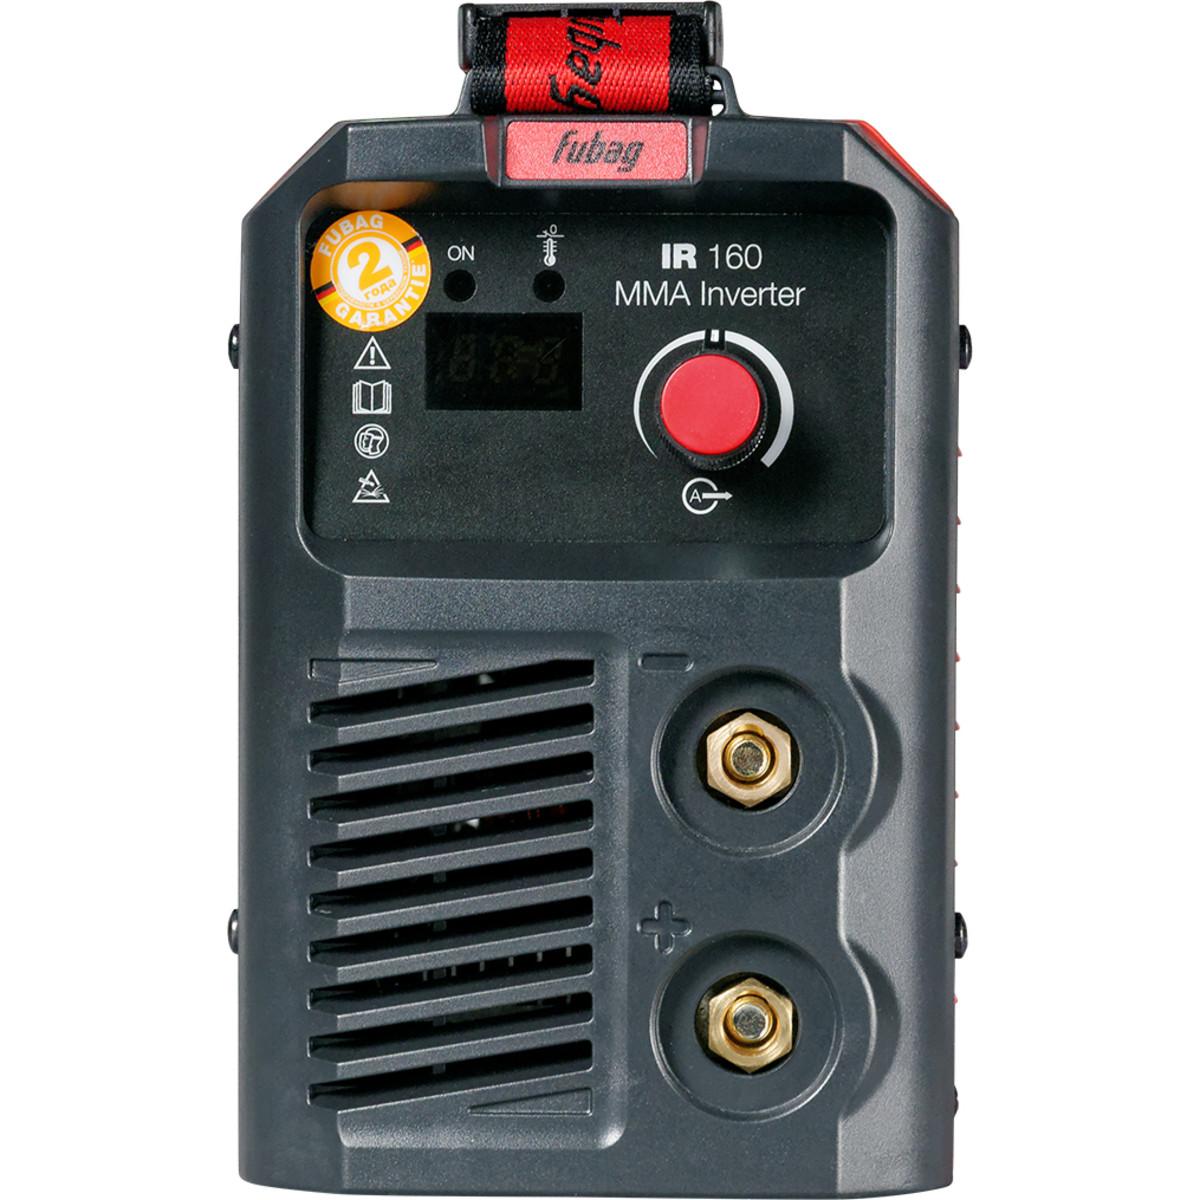 Дуговой Сварочный Инвертор Fubag Ir 160 31401